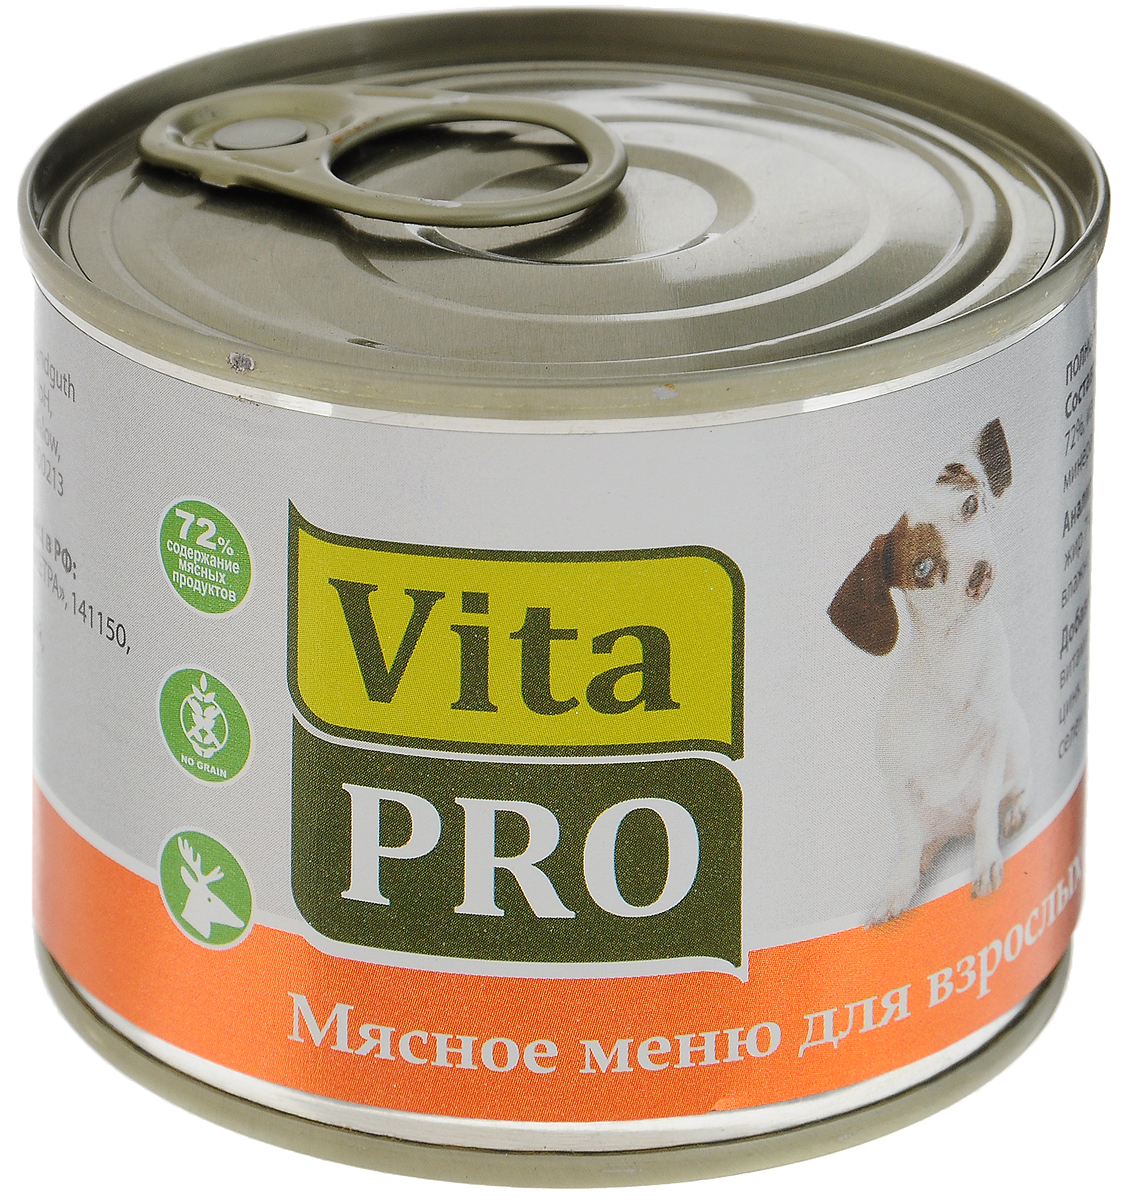 Консервы Vita ProМясное меню для собак, дичь, 200 г консервы для кошек vita pro мясное меню с индейкой и уткой 100 г 90102